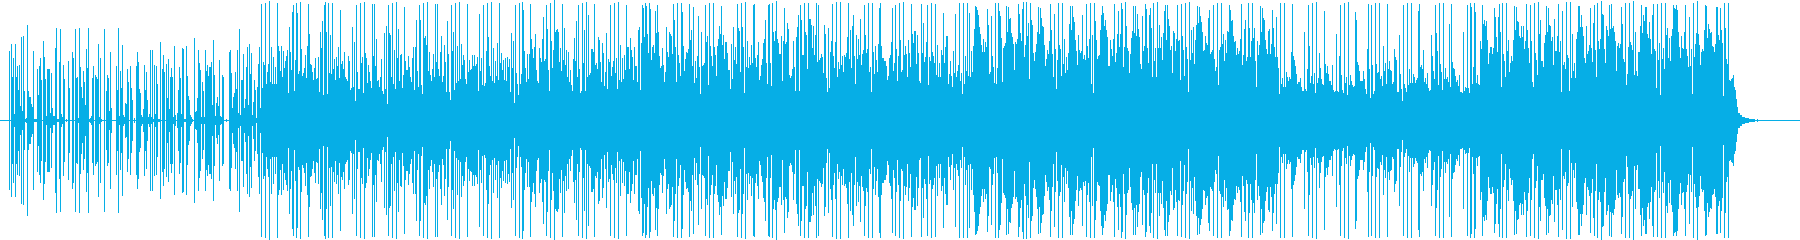 金属音と生ドラムとアシッドシンセの再生済みの波形